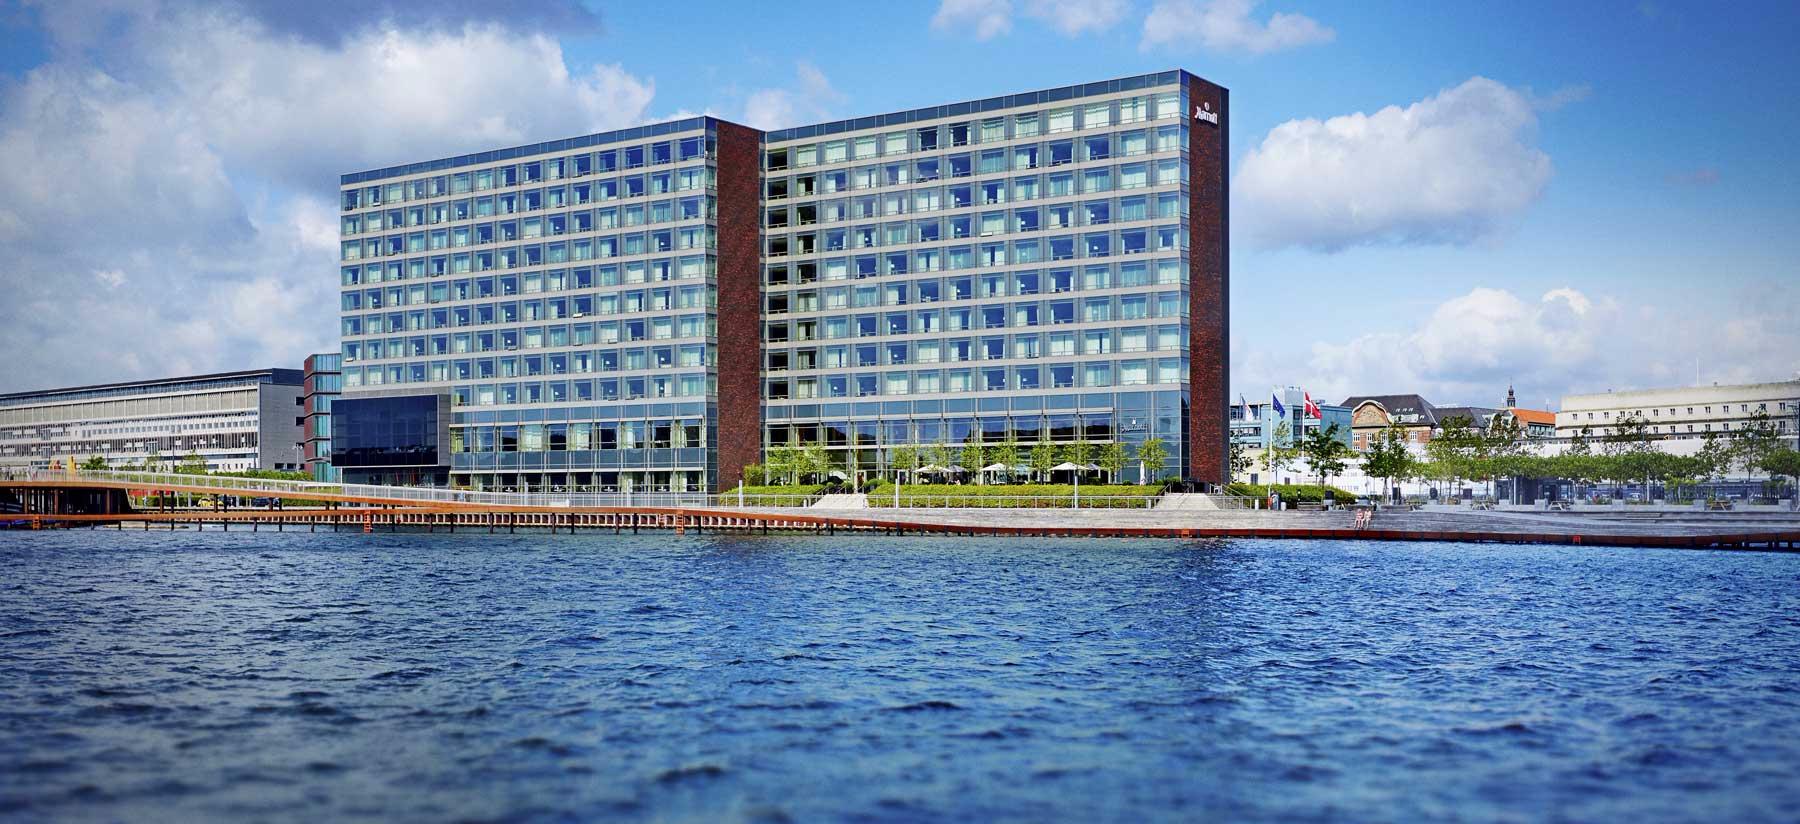 Copenhagen Marriott Hotel Email